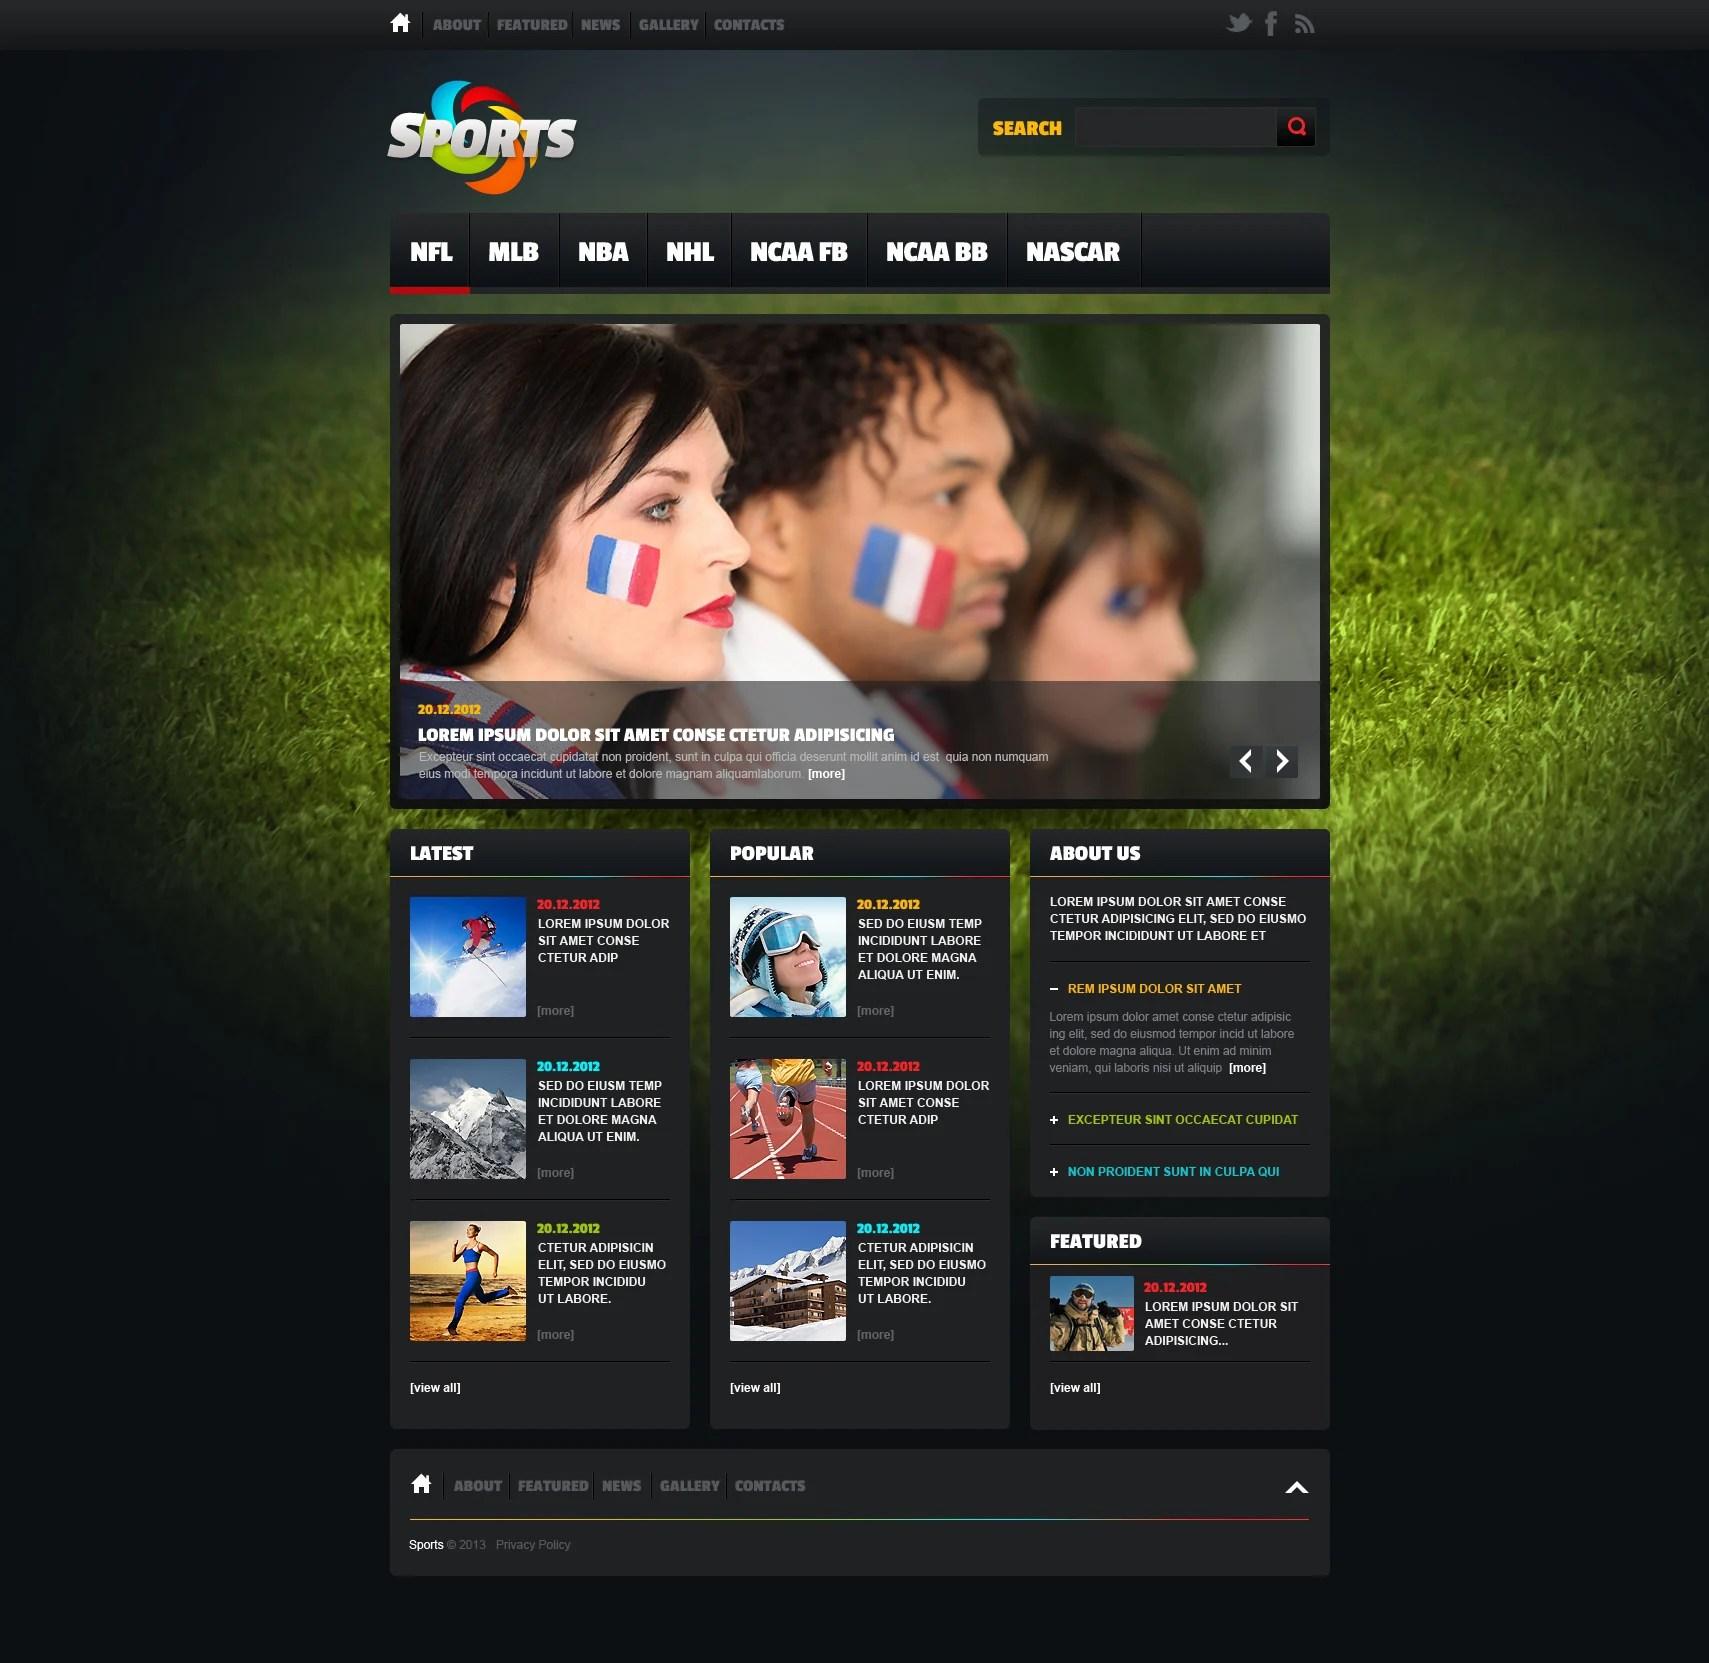 Sports News Website Template 46919